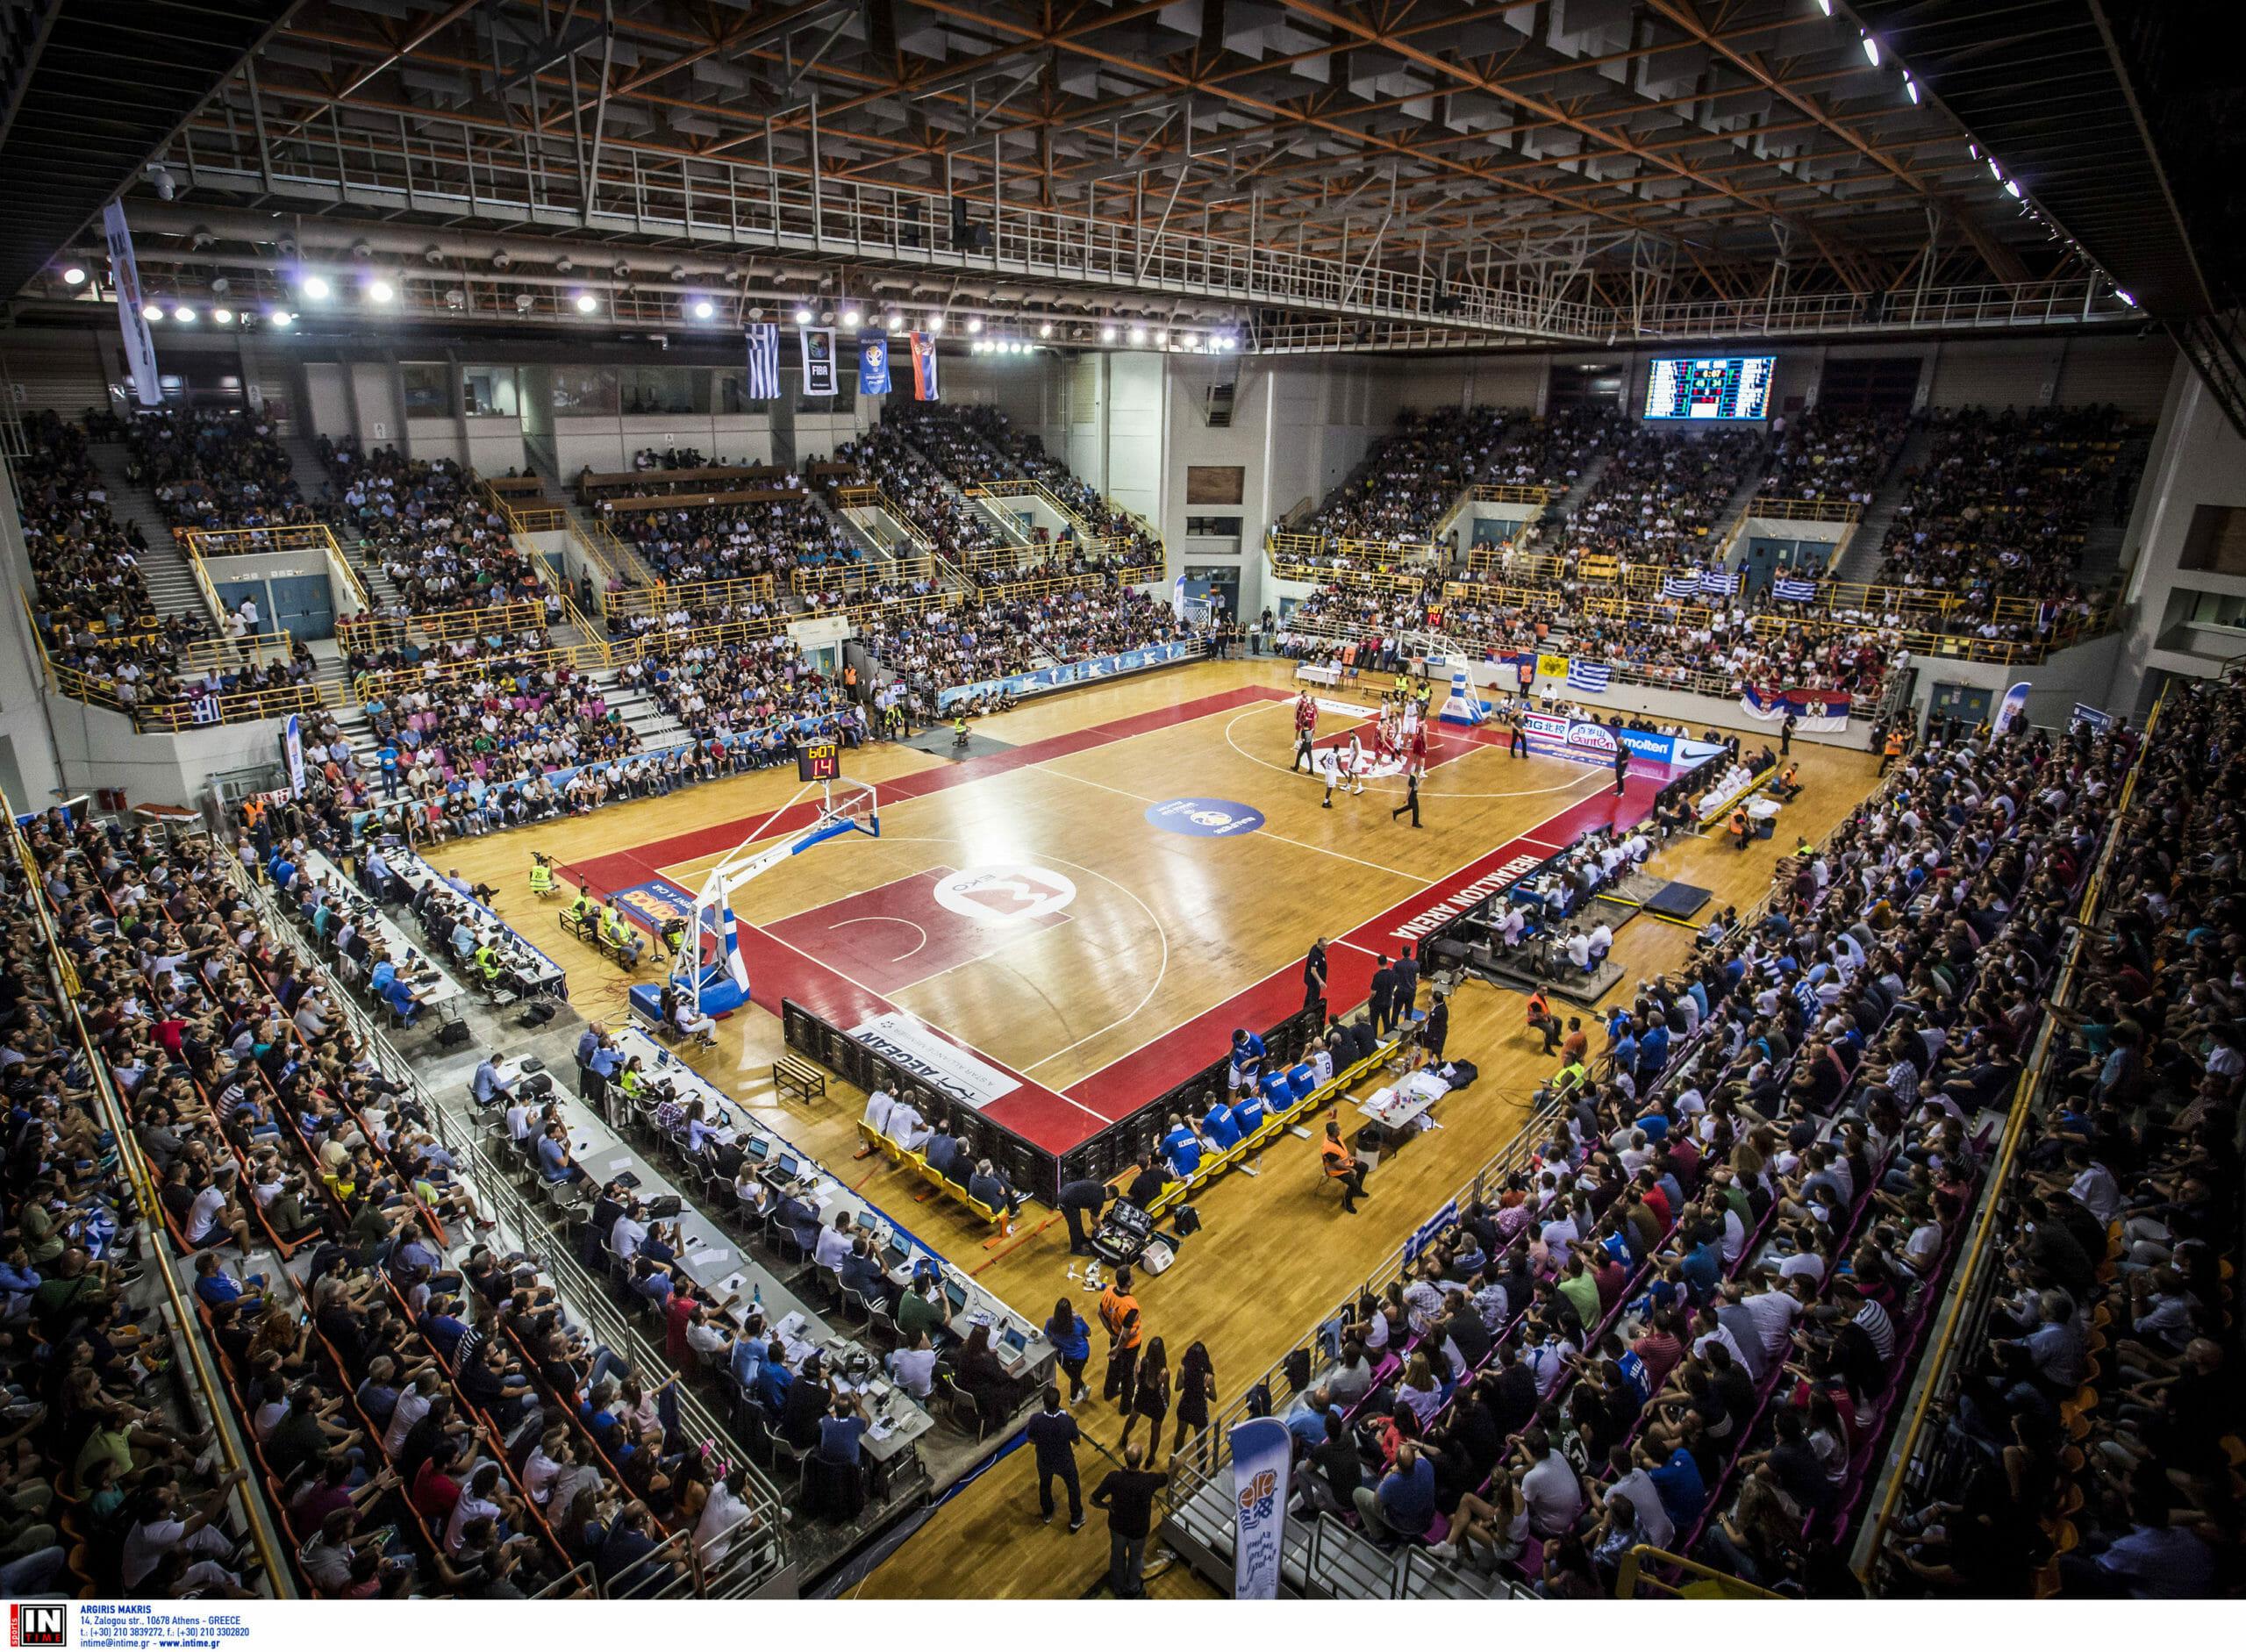 Κύπελλο Ελλάδας: Έκτακτα μέτρα για τον τελικό στο Ηράκλειο!